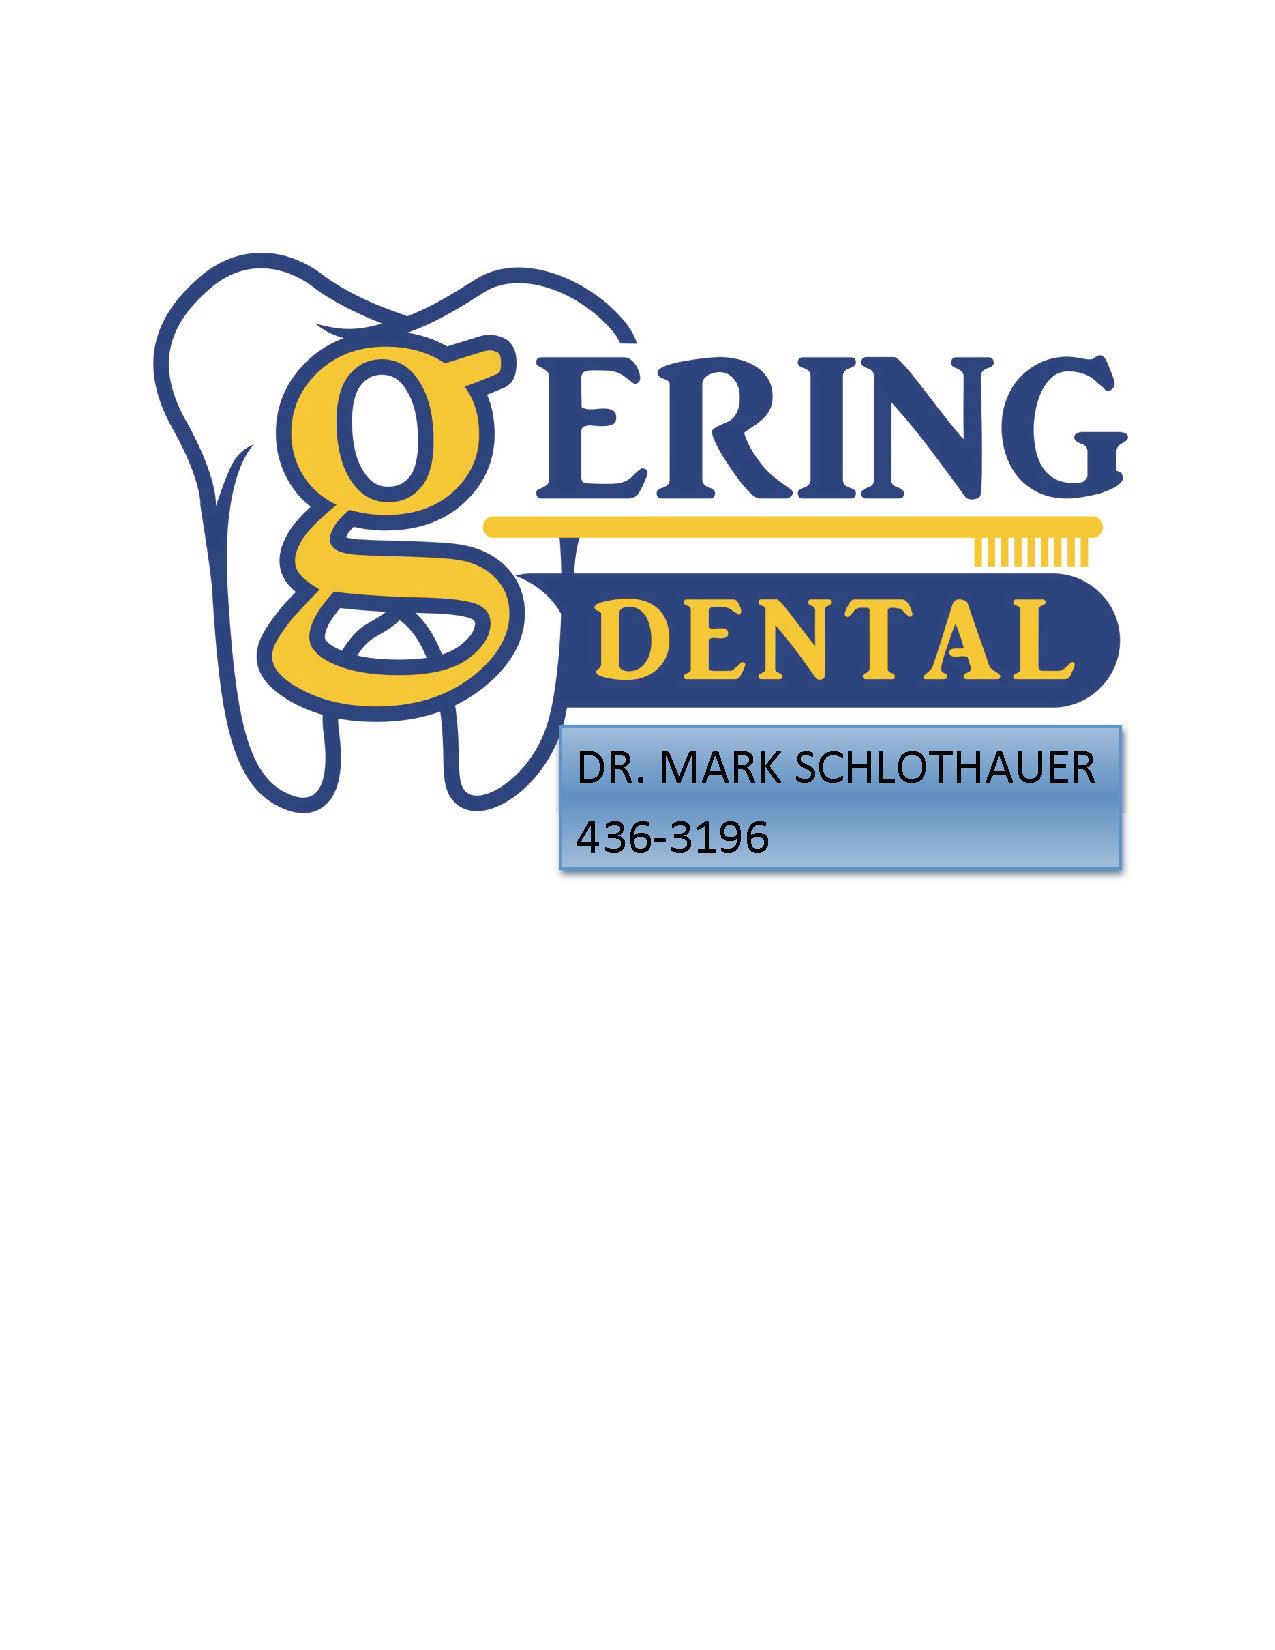 Gering Dental .jpg